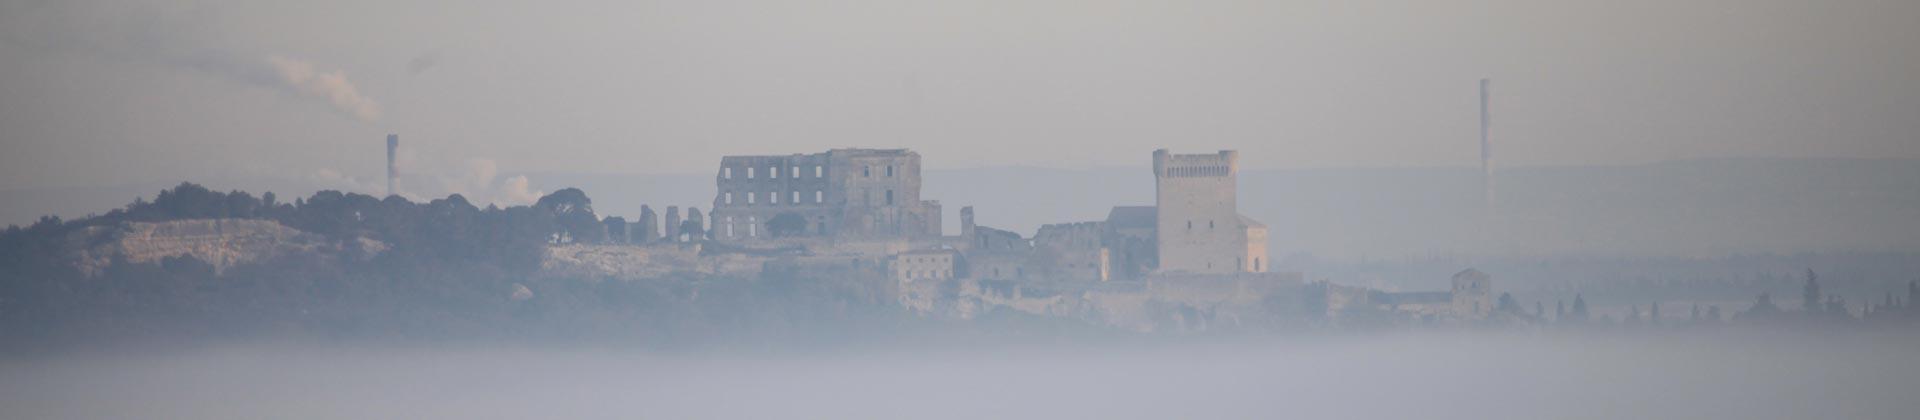 Chambres d'hôtes Arles - Abbaye de Montmajour